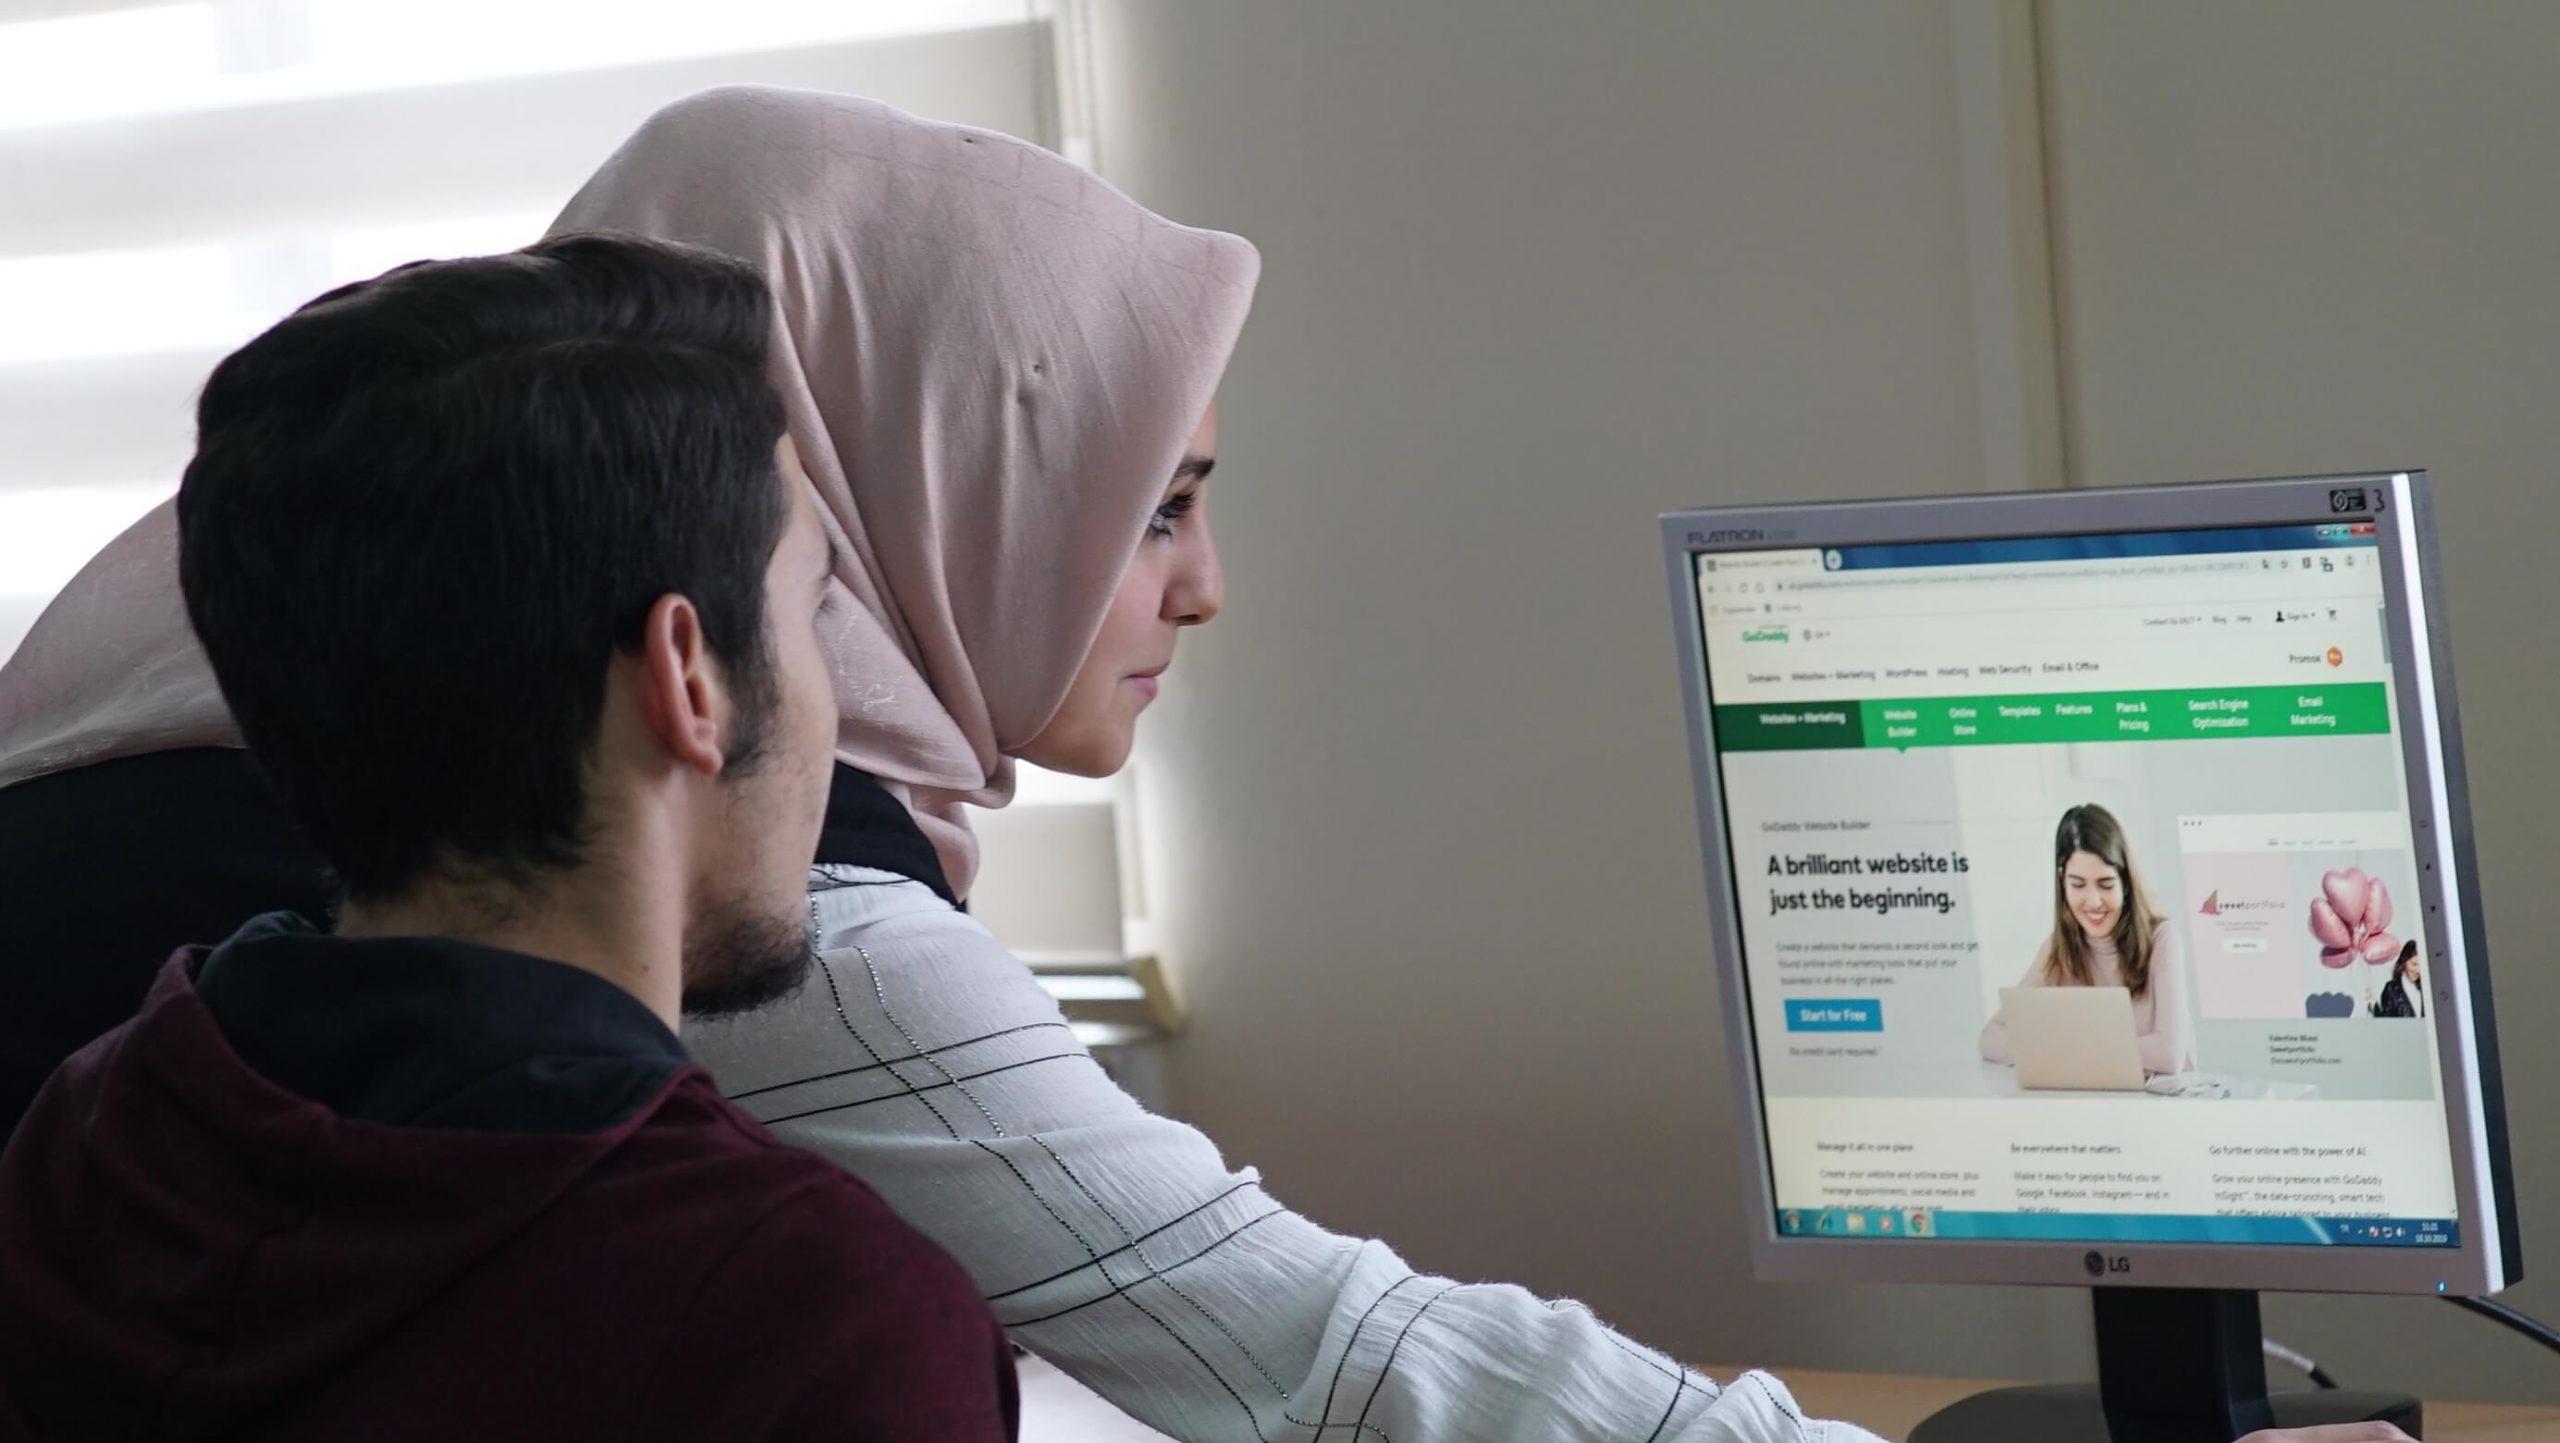 GoDaddy ve Habitat Derneği, 'Dijital Ben' projesi ile yaklaşık 1.000 küçük işletme sahibi ve girişimciye ulaştı